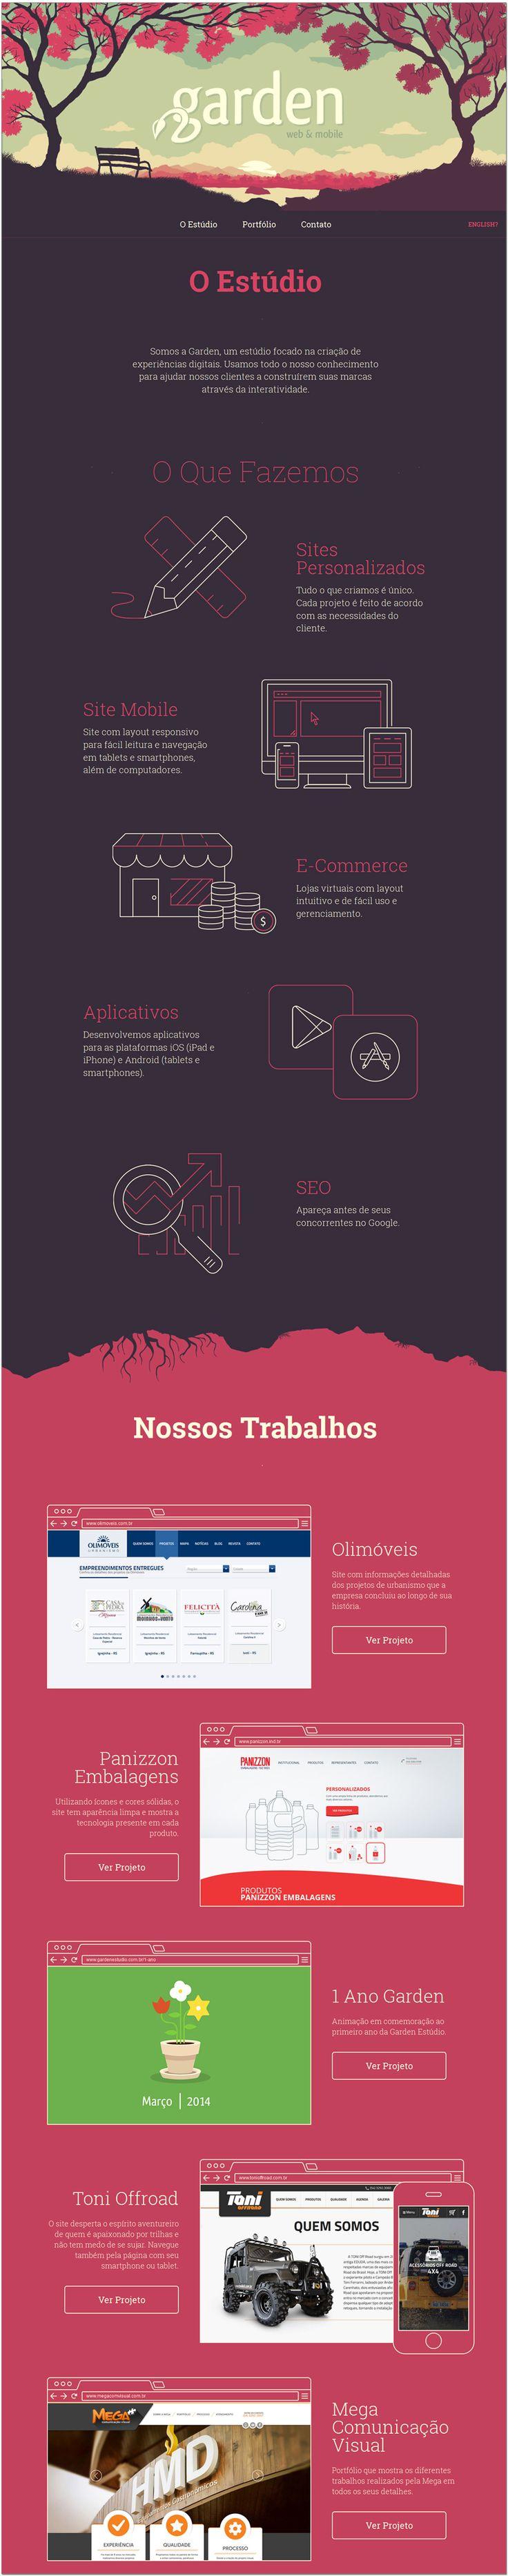 best web design images on pinterest design websites website